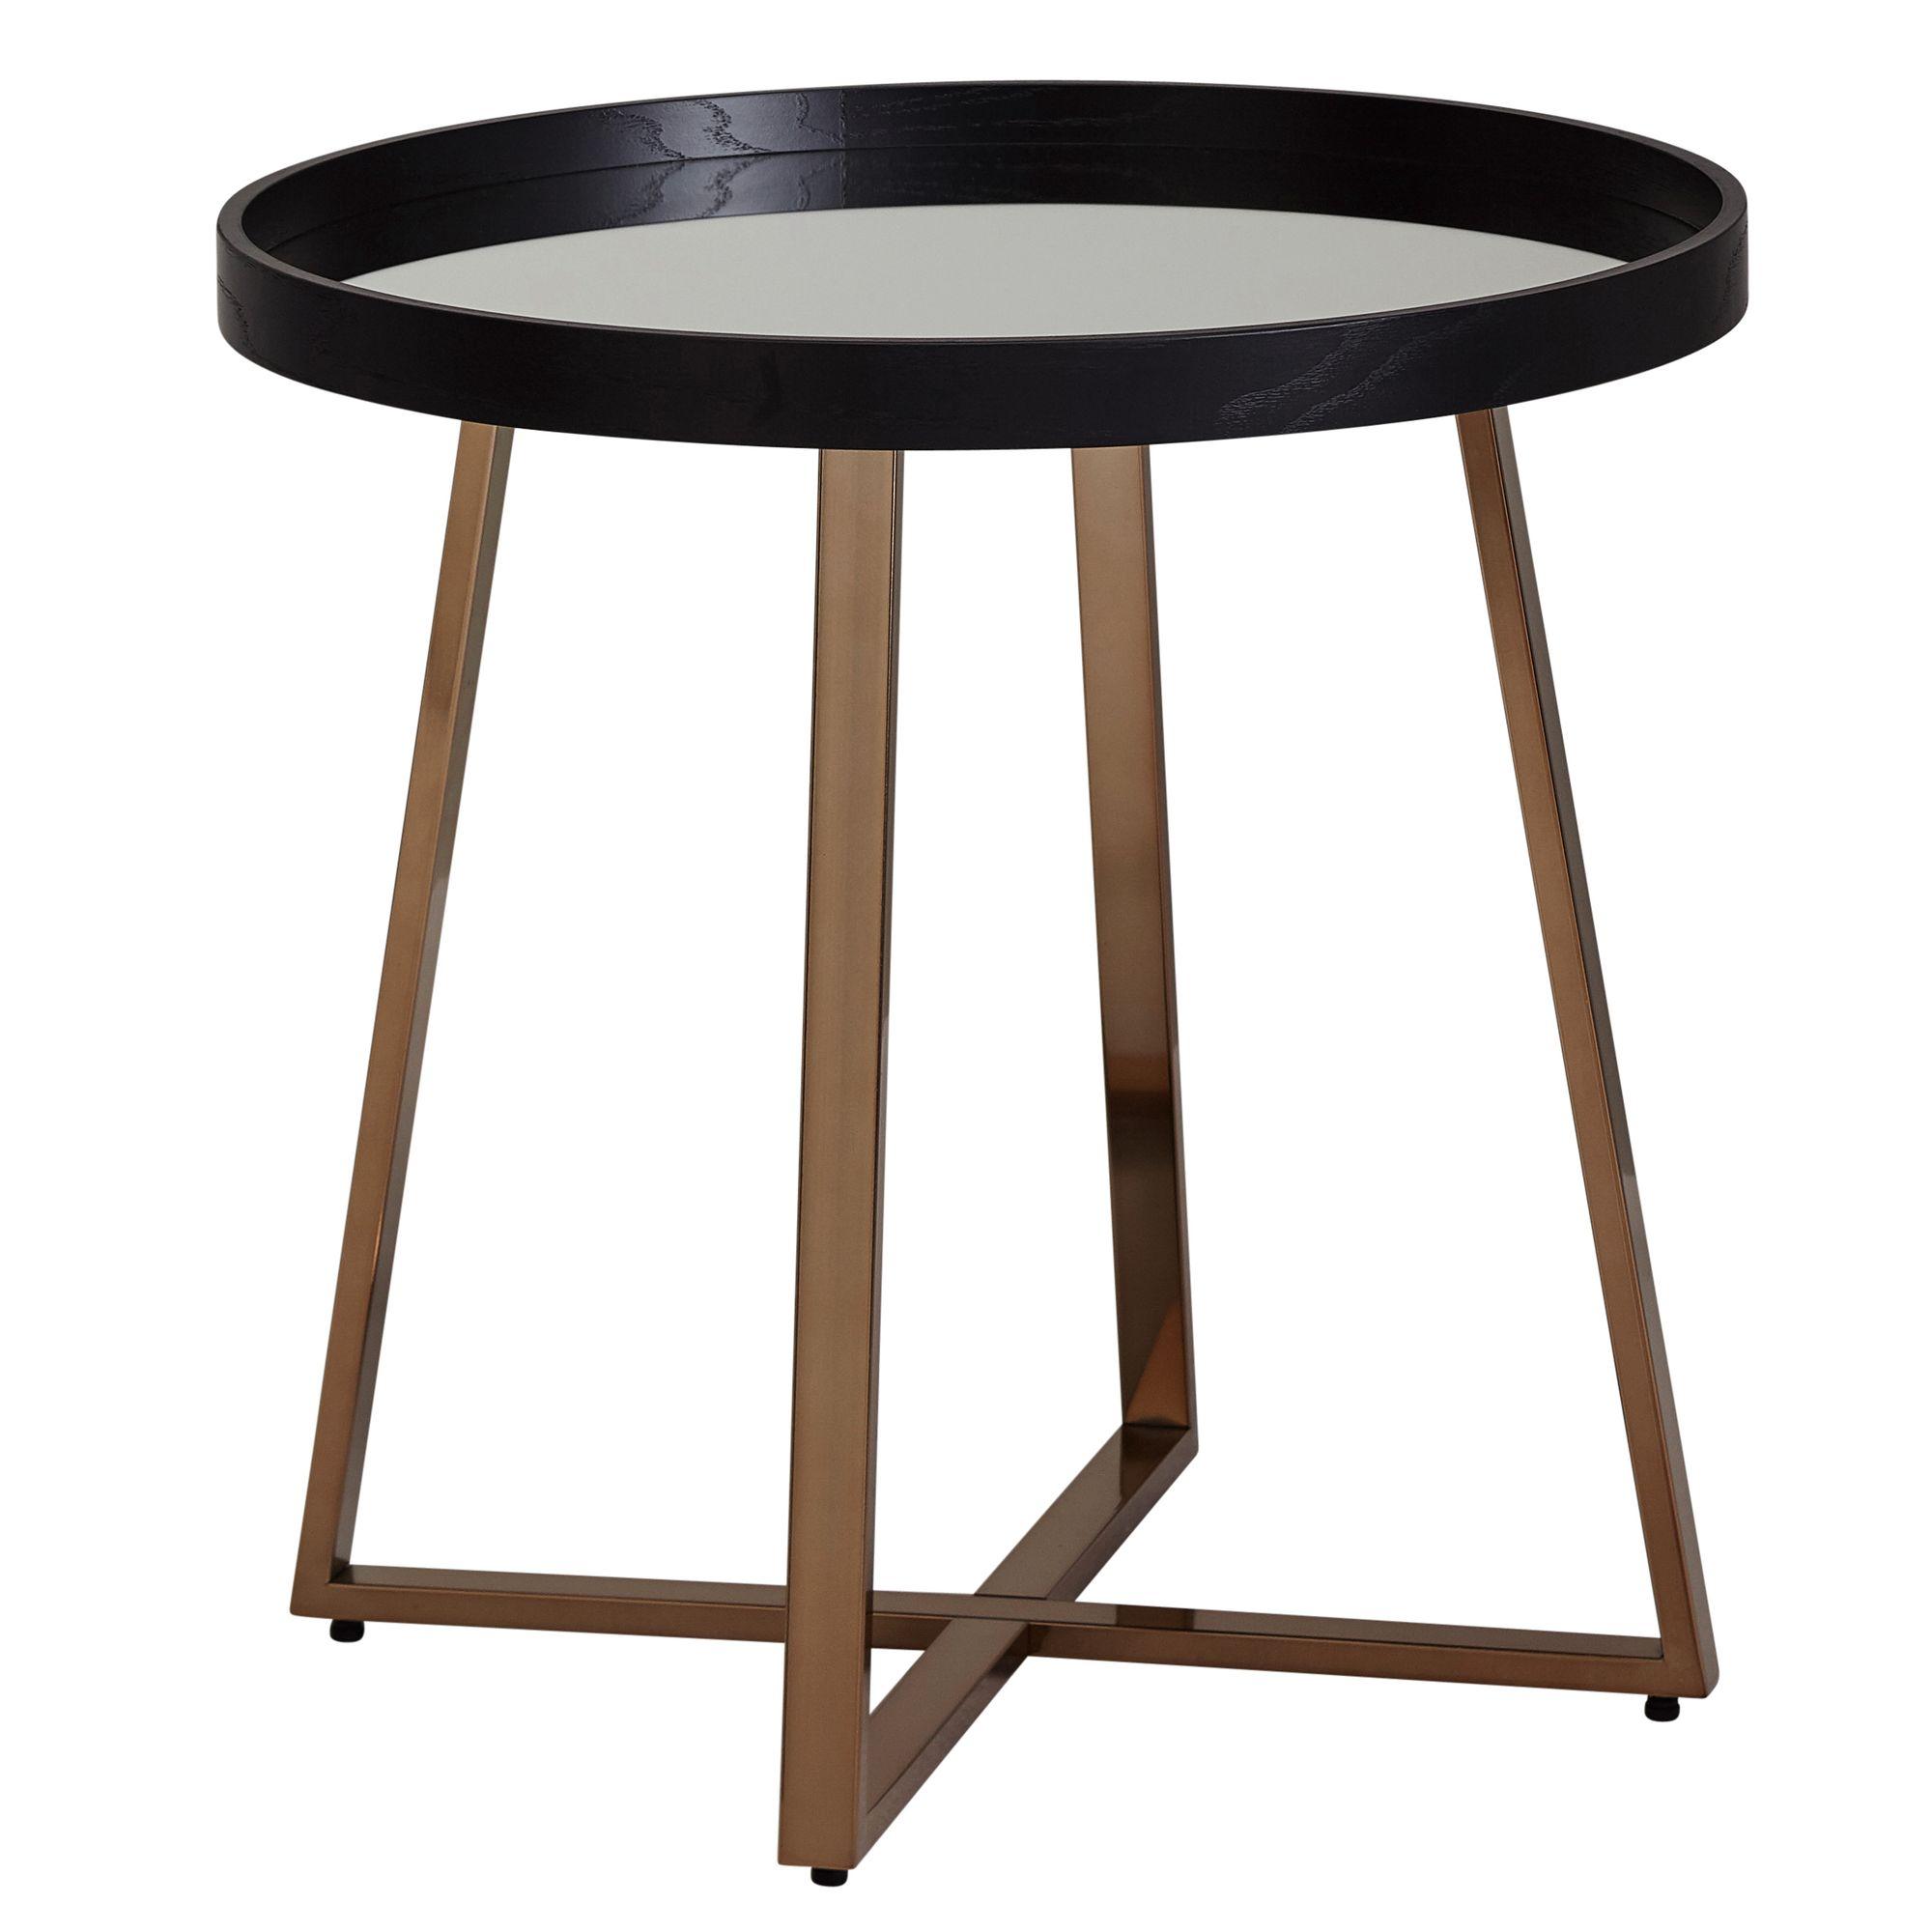 Wohnling Design Beistelltisch Rund O58 5 Cm Gold Mit Glas Spiegel Wohnzimmertisch Schwarz